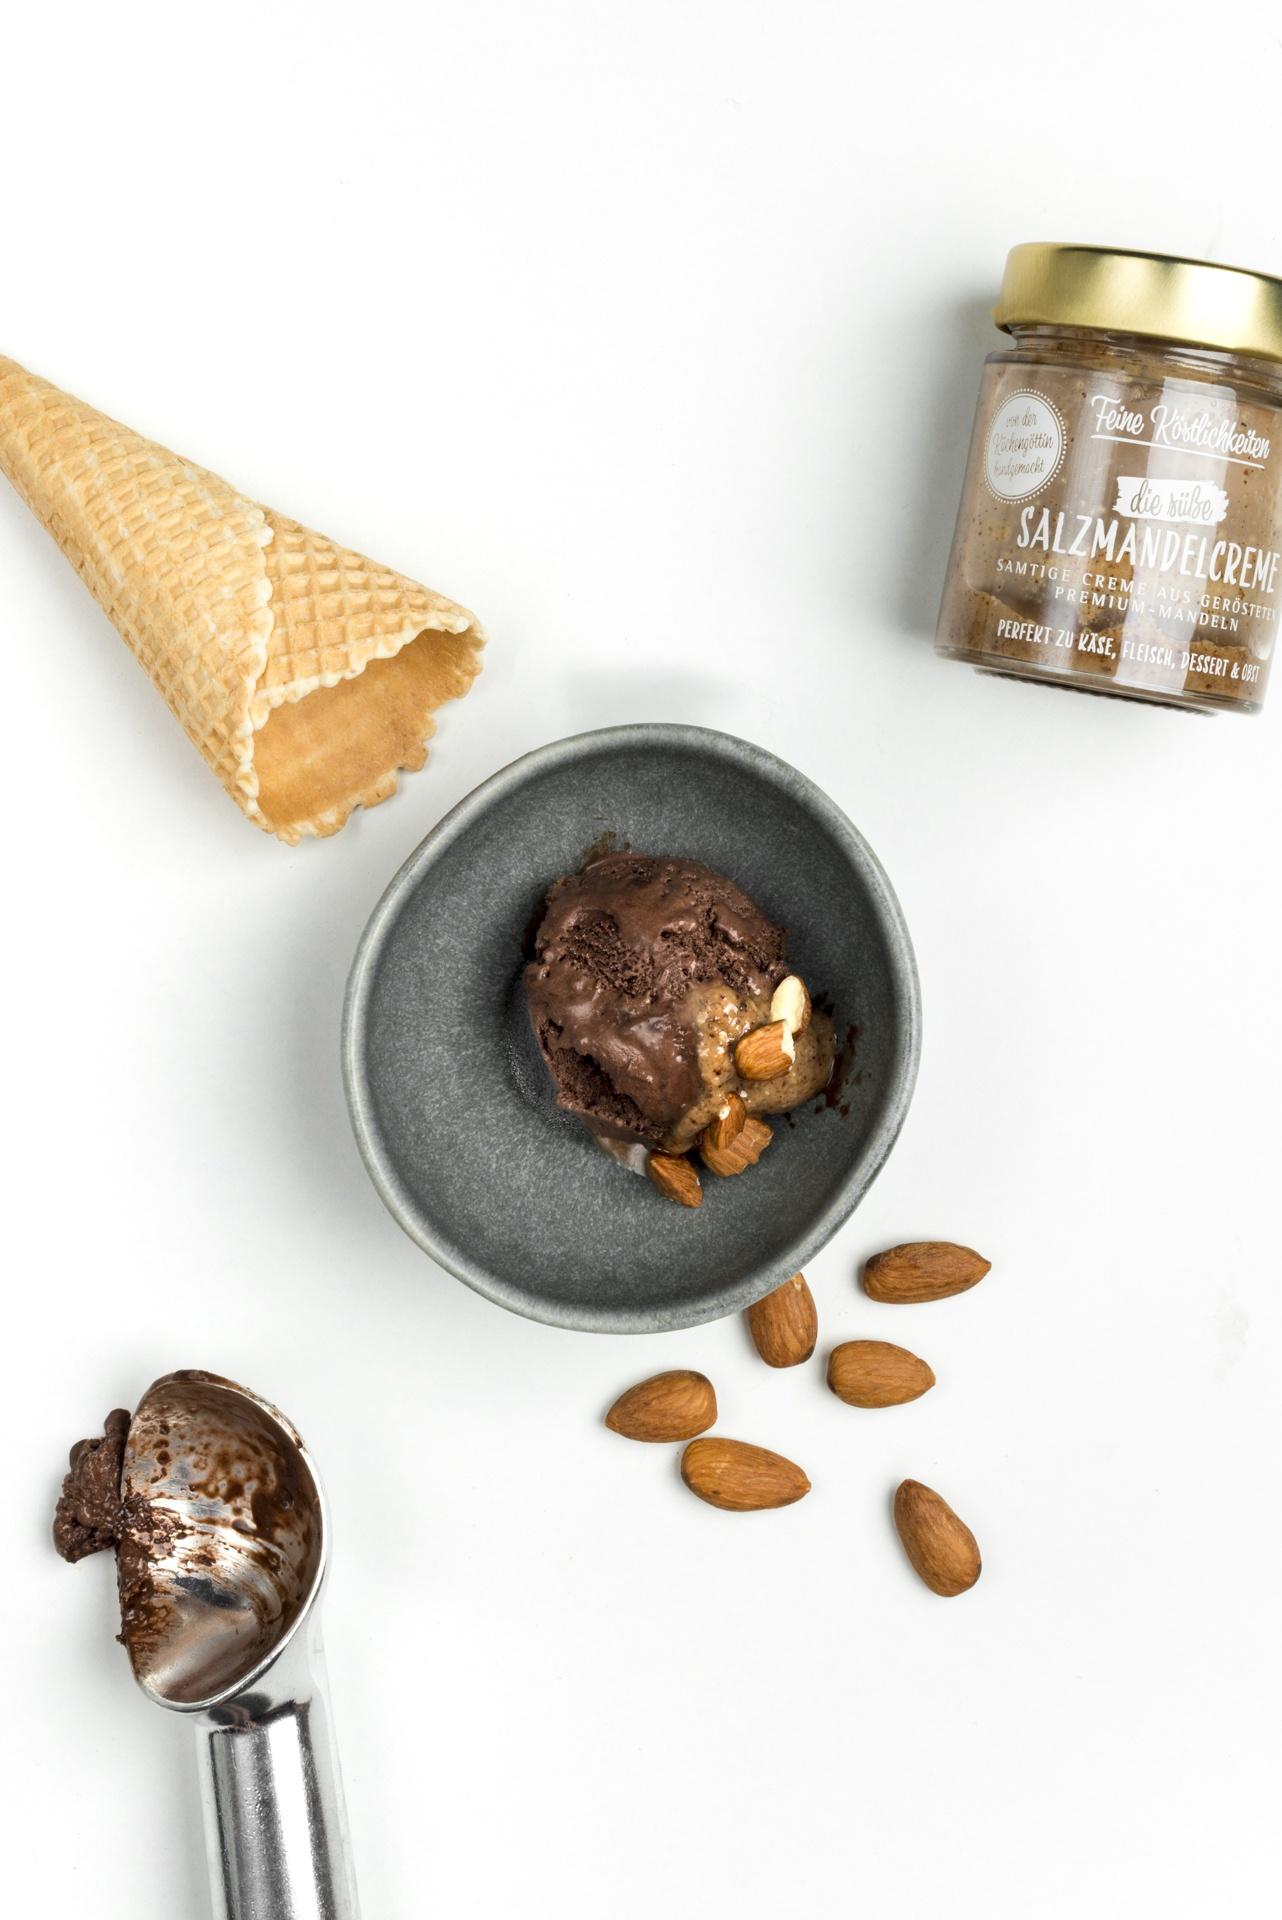 Ein Schüssel Schoko-Eis mit Salzmandelcreme